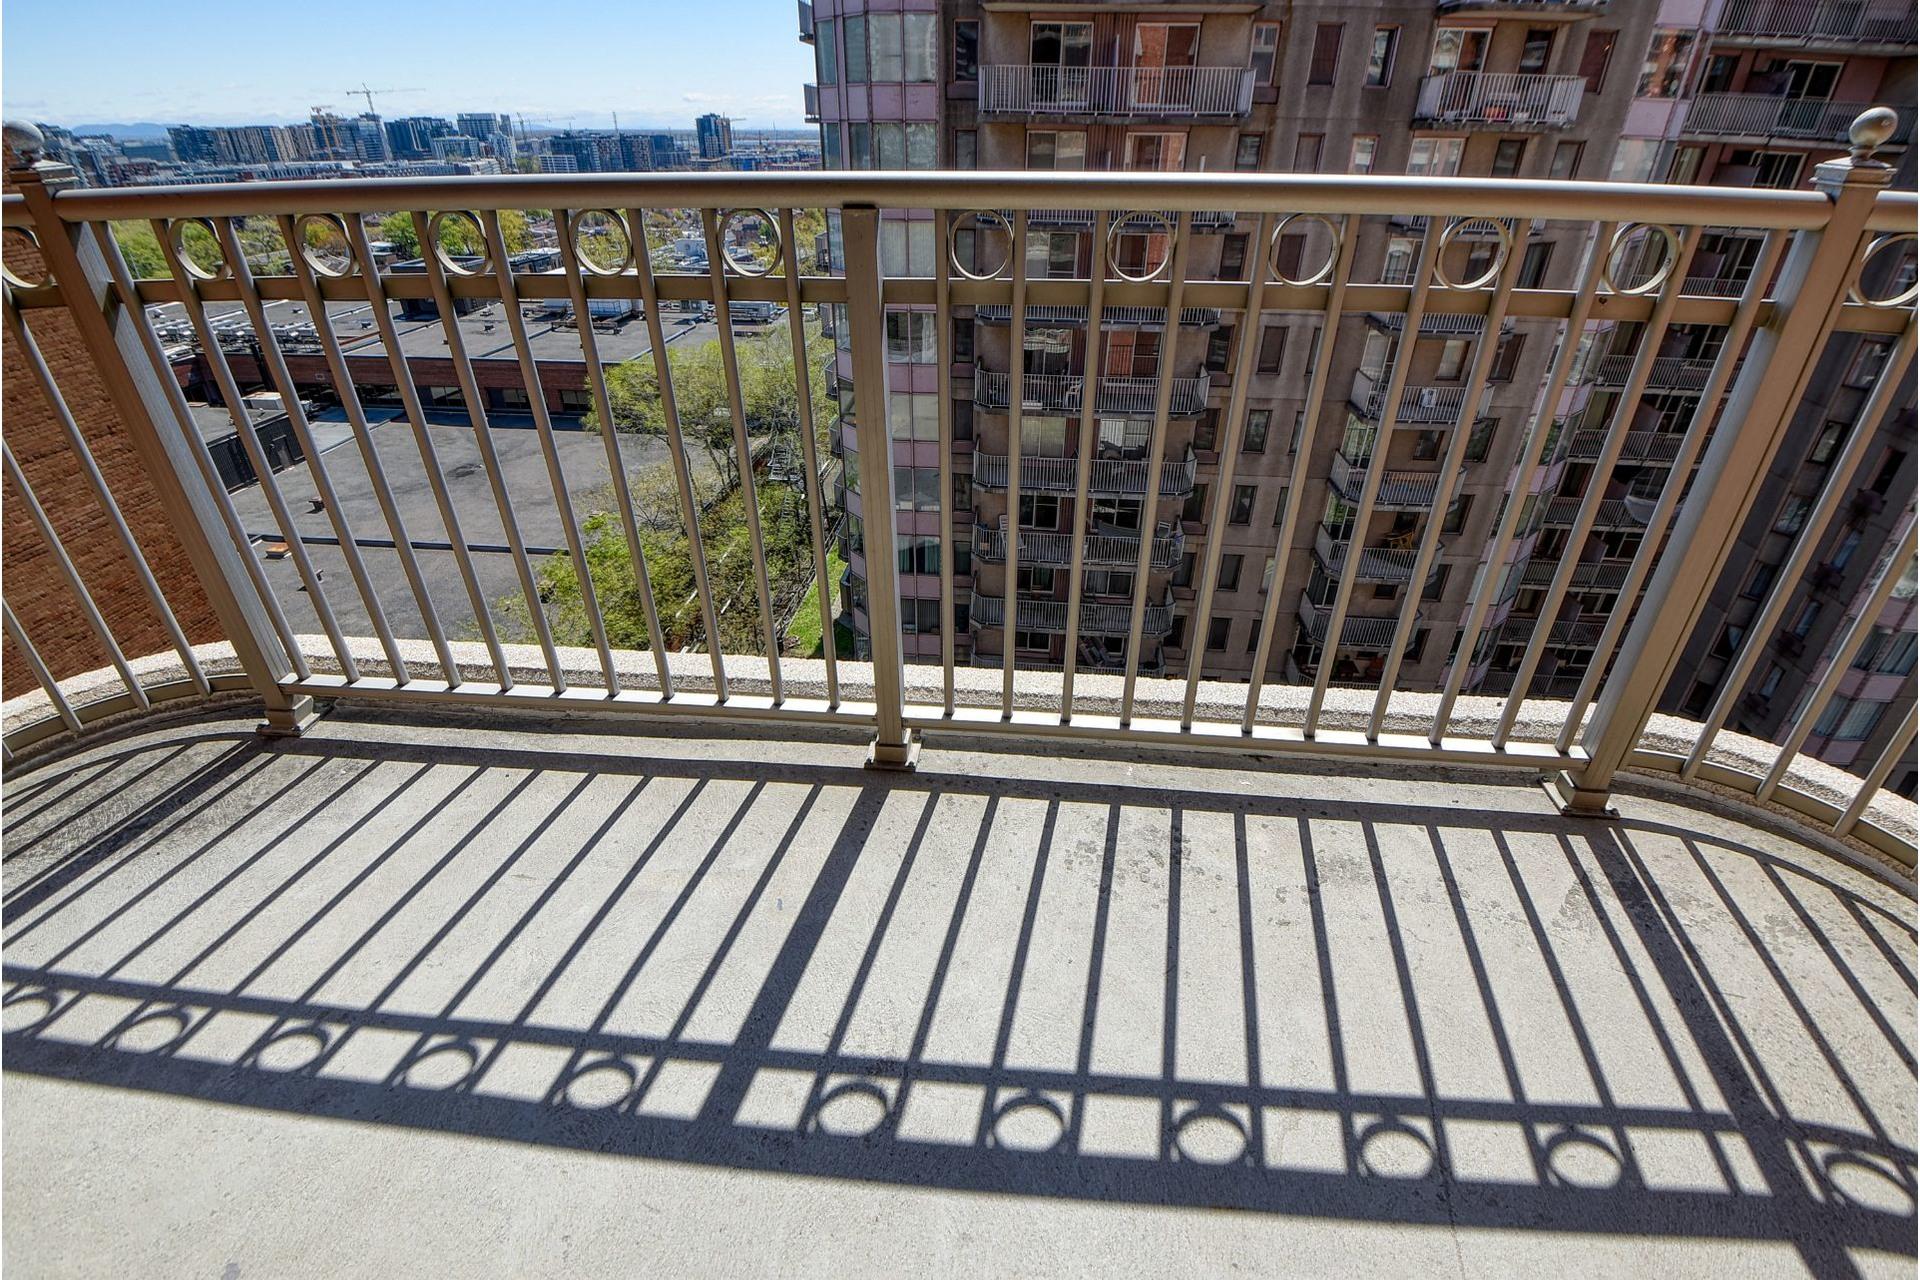 image 11 - Appartement À louer Ville-Marie Montréal  - 4 pièces